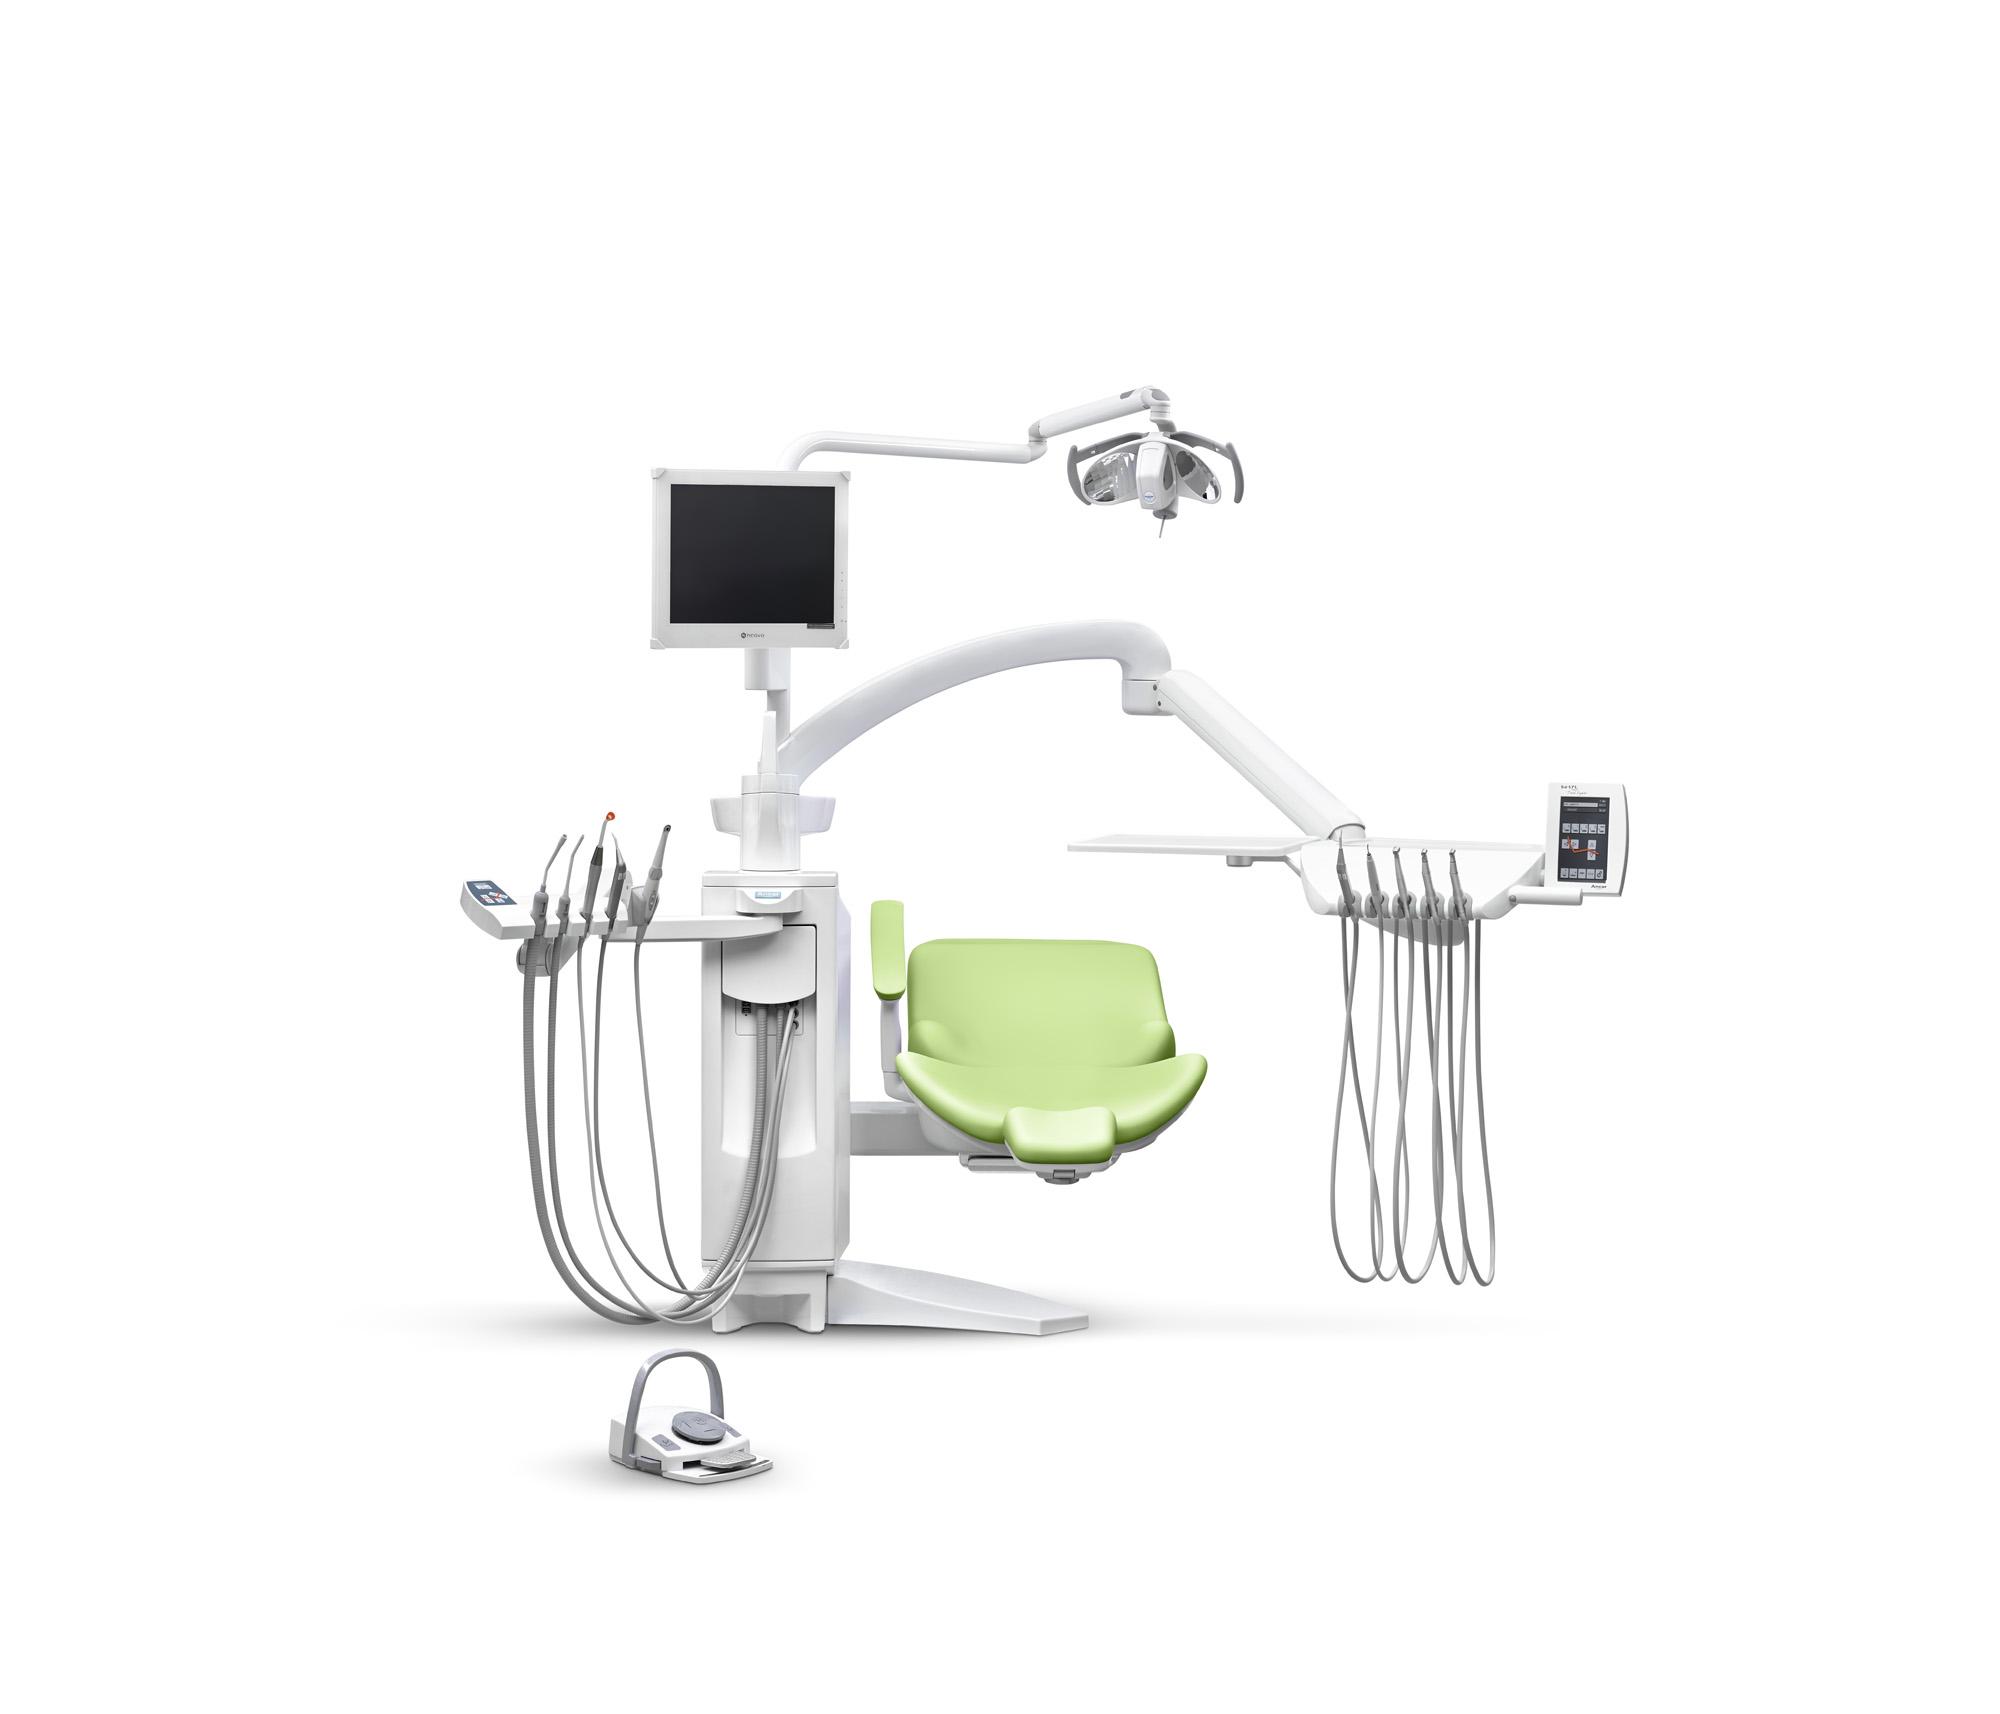 SD-575 Touch-Expert (Mikroprozessorgesteuerte Behandlungseinheit mit hängenden Schläuchen)